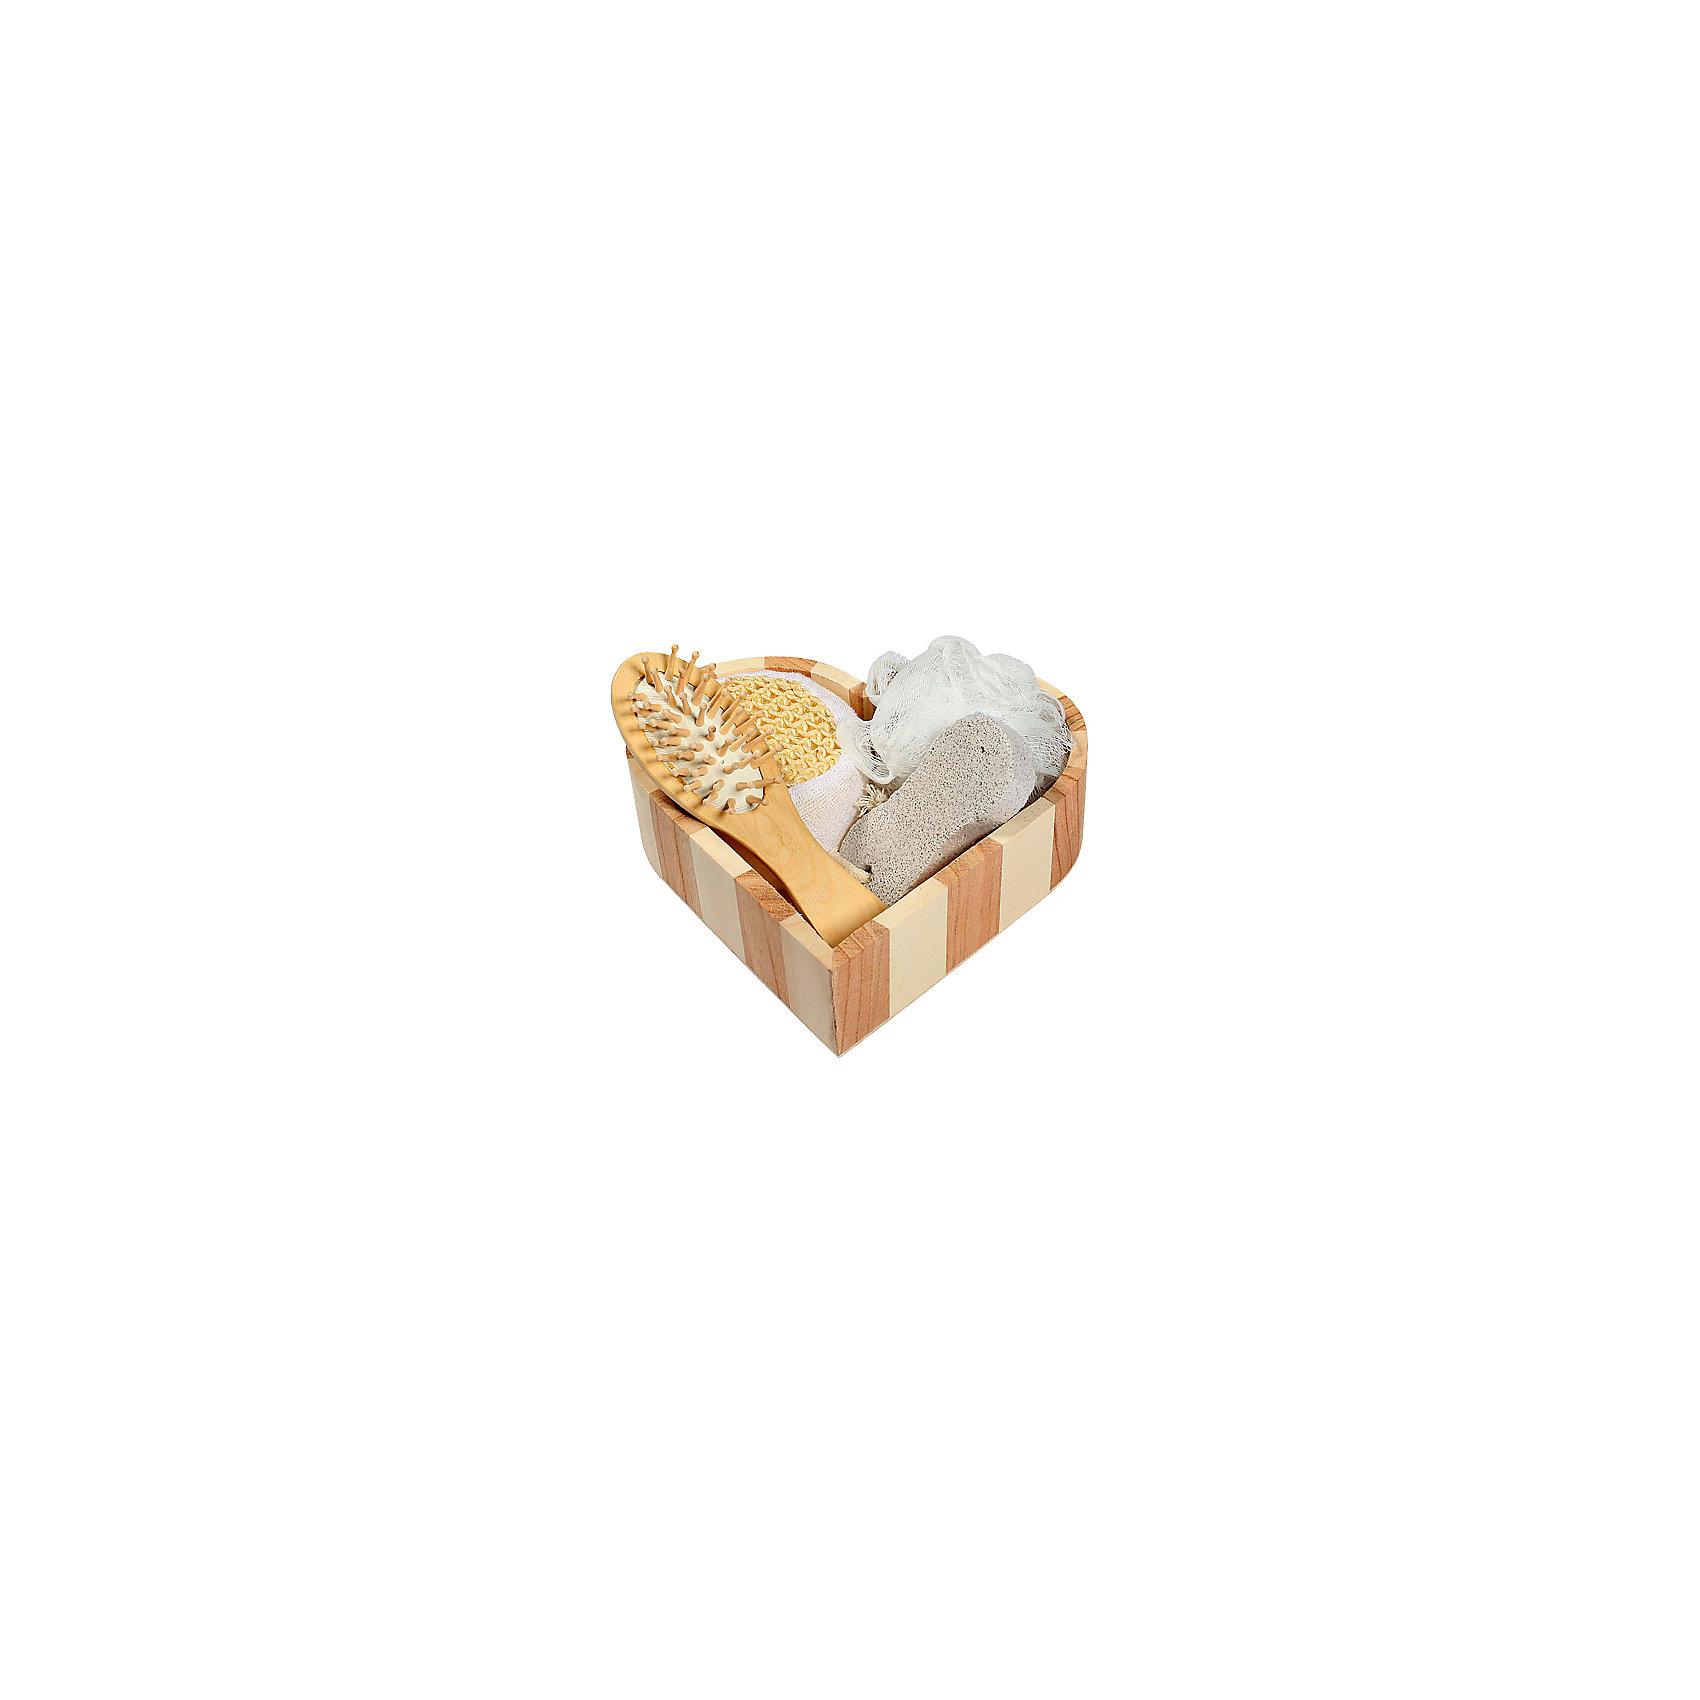 Набор для ванной и бани РомантикаСредства для ухода<br>Характеристики набора для ванной и бани Романтика:<br><br>• тип: банный комплект<br>• комплектация комплекта: лохань из древесины тополя (16,5*16*5 см) , мочалка д/купания из полиэтилена, массажная щетка д/волос из древесины павловнии, пемза д/ухода за кожей, мочалка для купания из сизаля) 19*18*5 <br>• состав: дерево 100%<br>• цвет: белый, бежевый<br>• страна бренда: Россия<br>• страна производитель: Китай<br><br>Набор для ванной и бани Романтика в декоративной лохани из древесины тополя (мочалка для купания из полиэтилена, массажная щетка для волос из древесины павловнии, пемза для ухода за кожей, мочалка для купания из сизаля). Набор станет прекрасным дополнением Вашей ванной комнаты. <br><br>Набор для ванной и бани Романтика можно купить в нашем интернет-магазине.<br><br>Ширина мм: 50<br>Глубина мм: 180<br>Высота мм: 190<br>Вес г: 204<br>Возраст от месяцев: 36<br>Возраст до месяцев: 2147483647<br>Пол: Унисекс<br>Возраст: Детский<br>SKU: 5479413